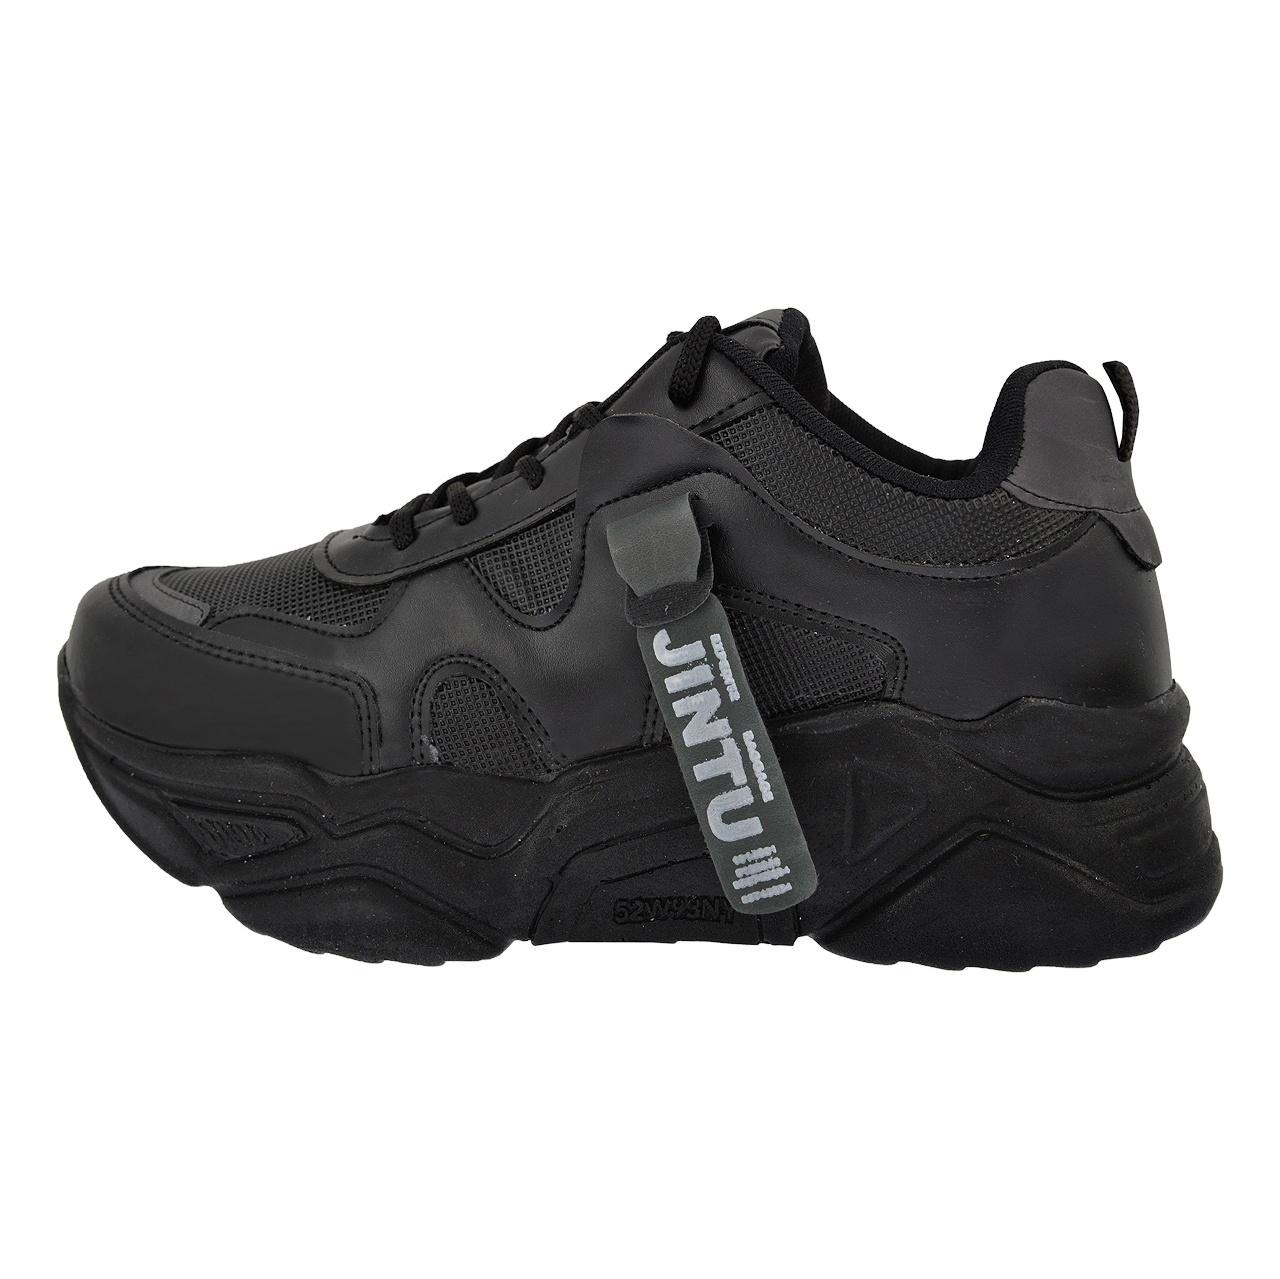 کفش مخصوص پیاده روی زنانه کد 349000802